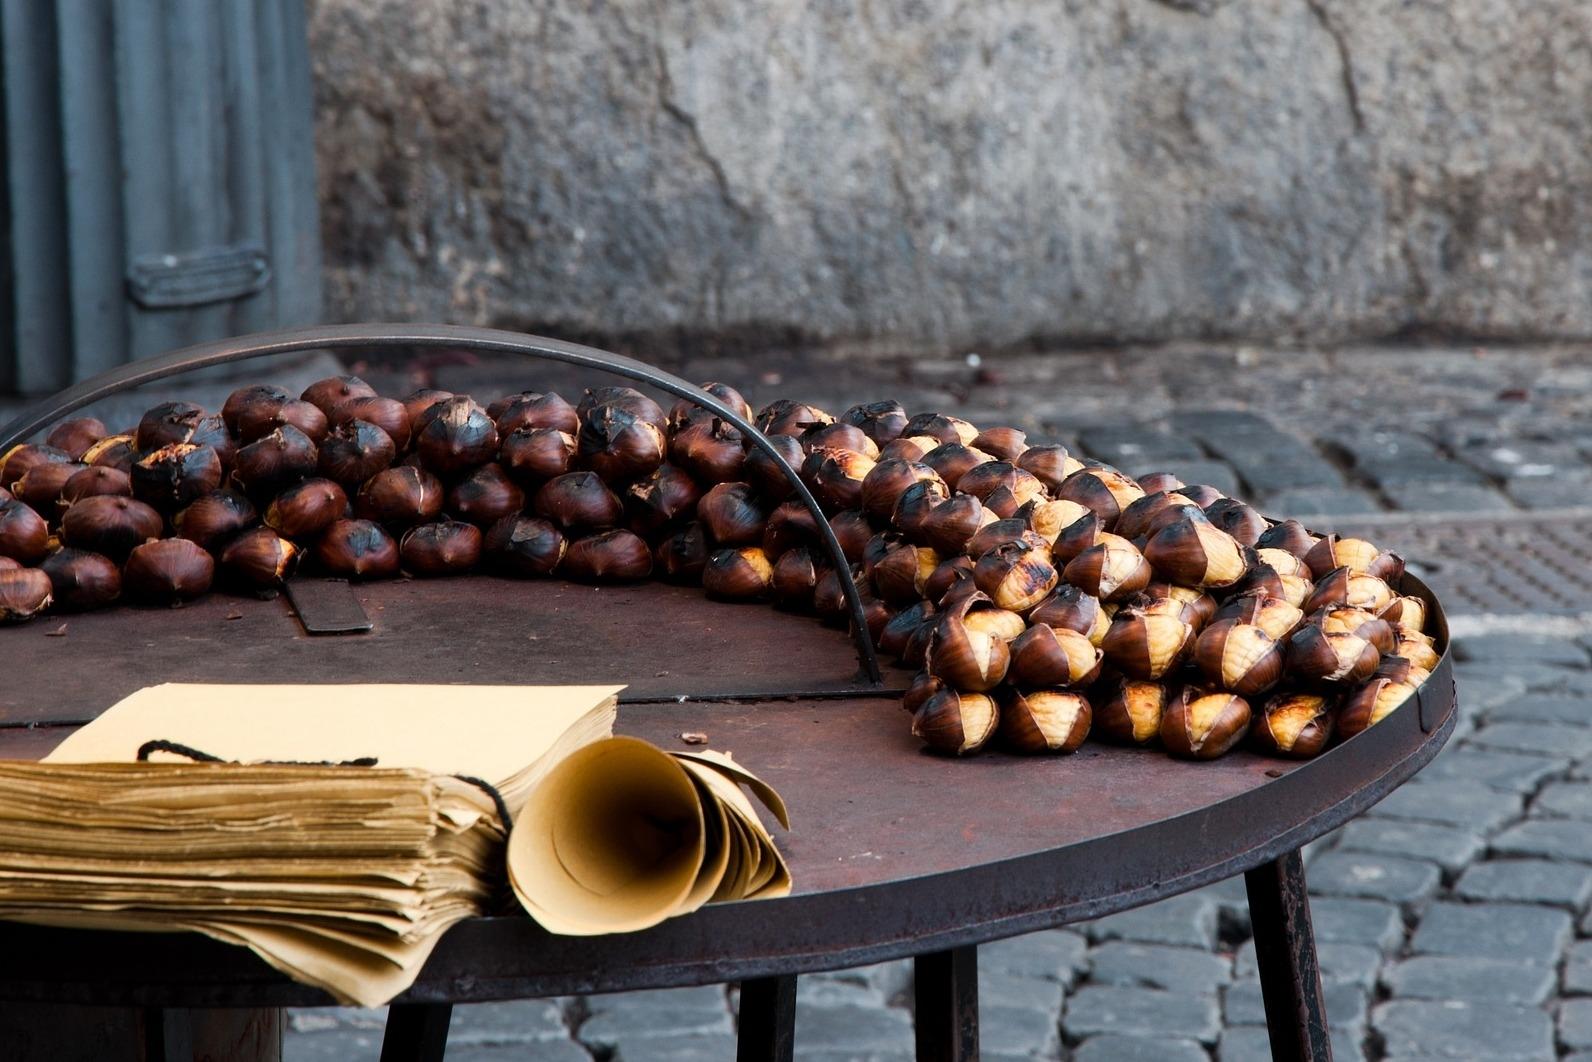 Jedlé kaštany: Voňavá pochoutka zvánočních trhů